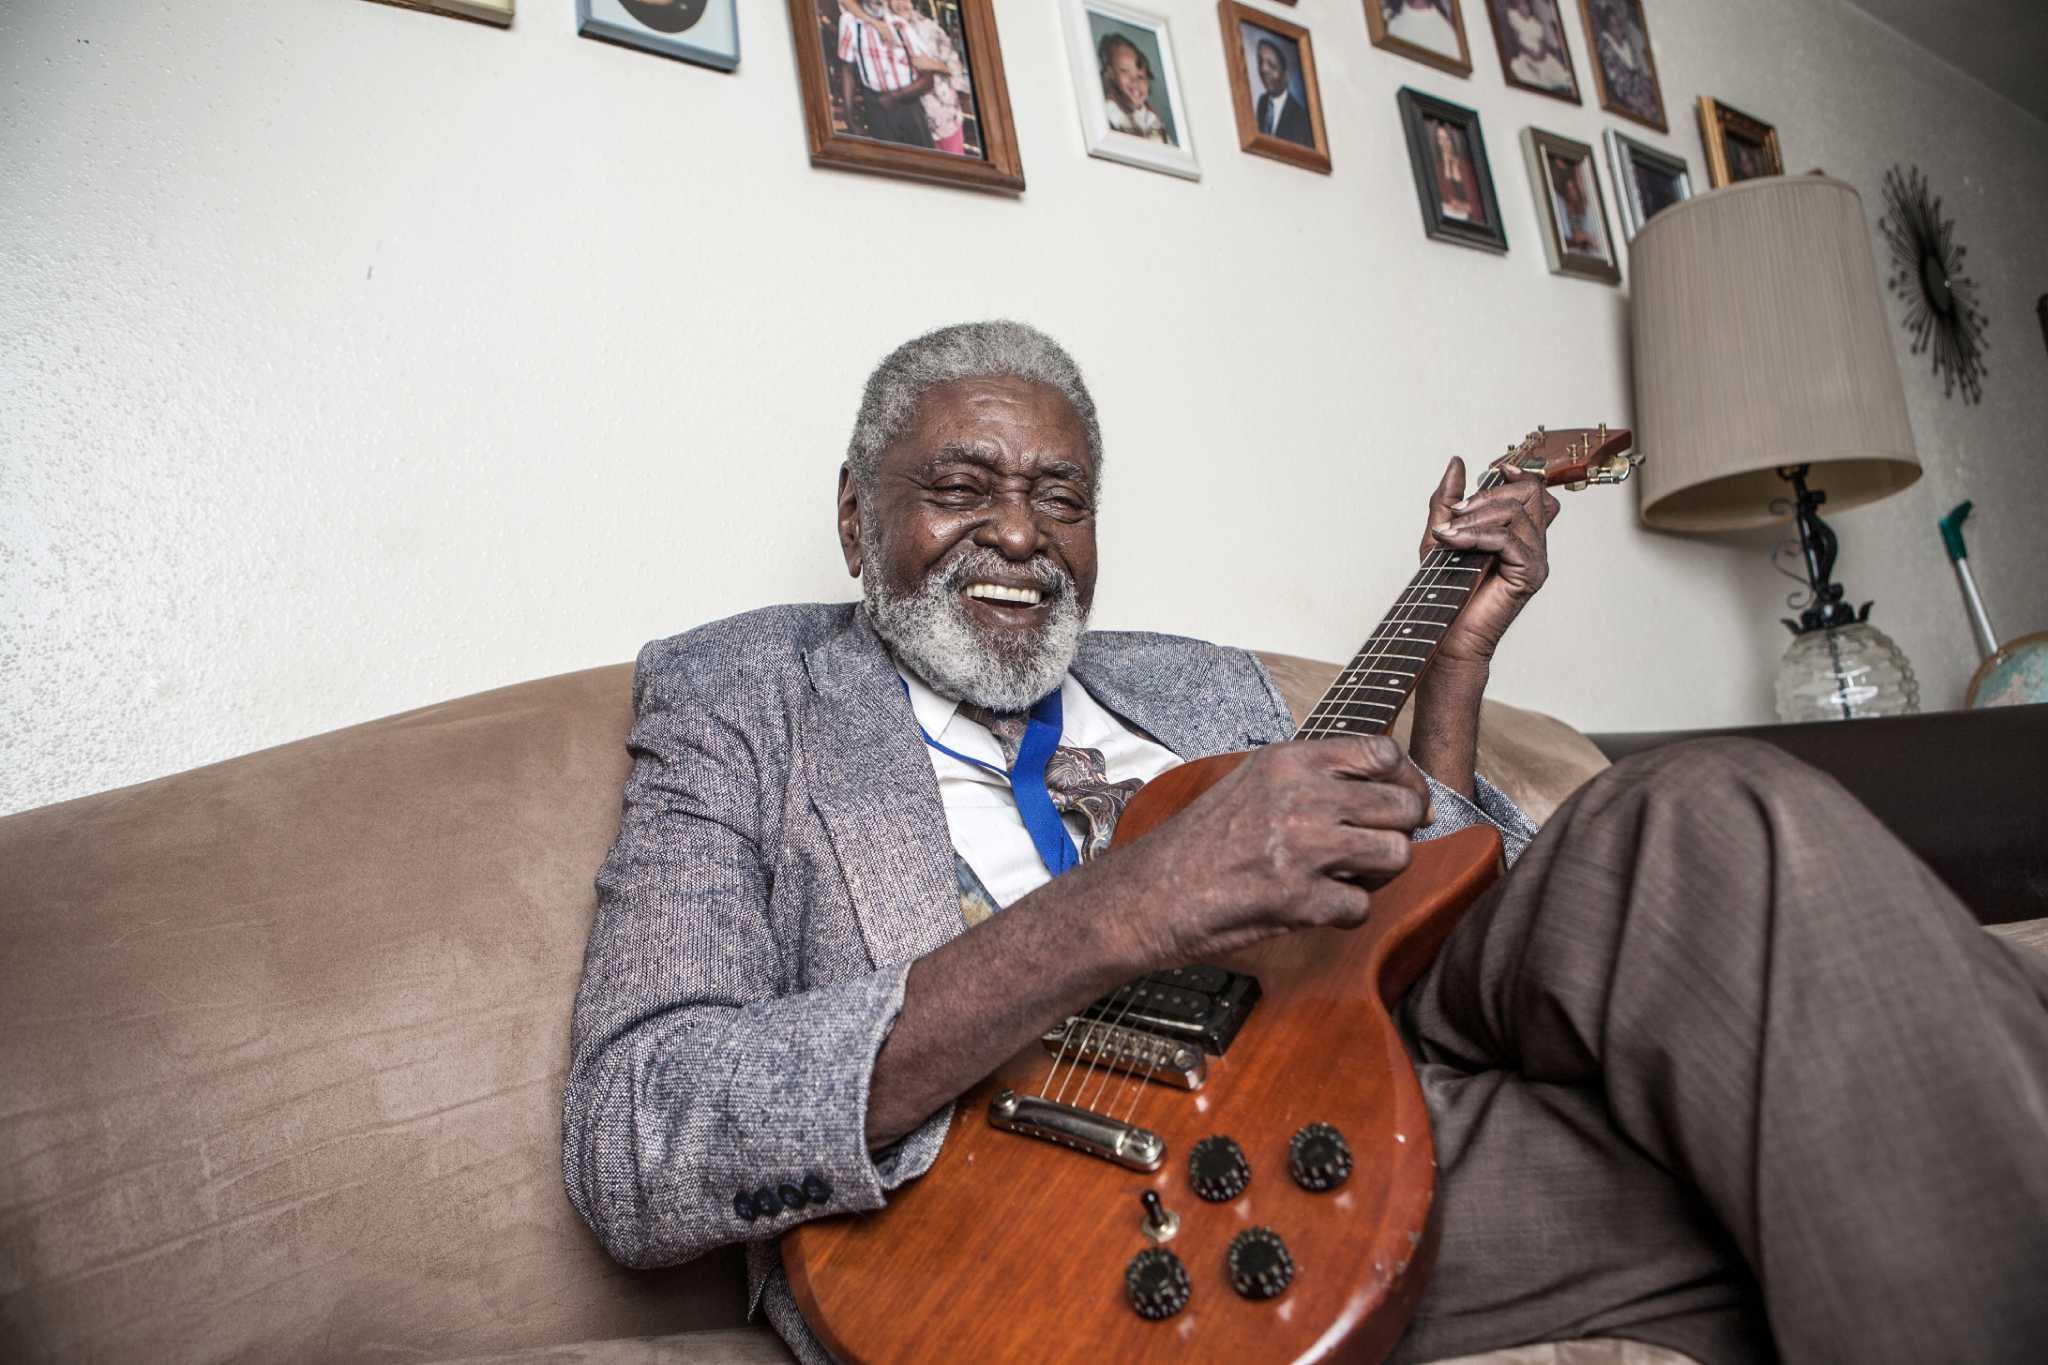 Blues player Jimmy Dotson dies